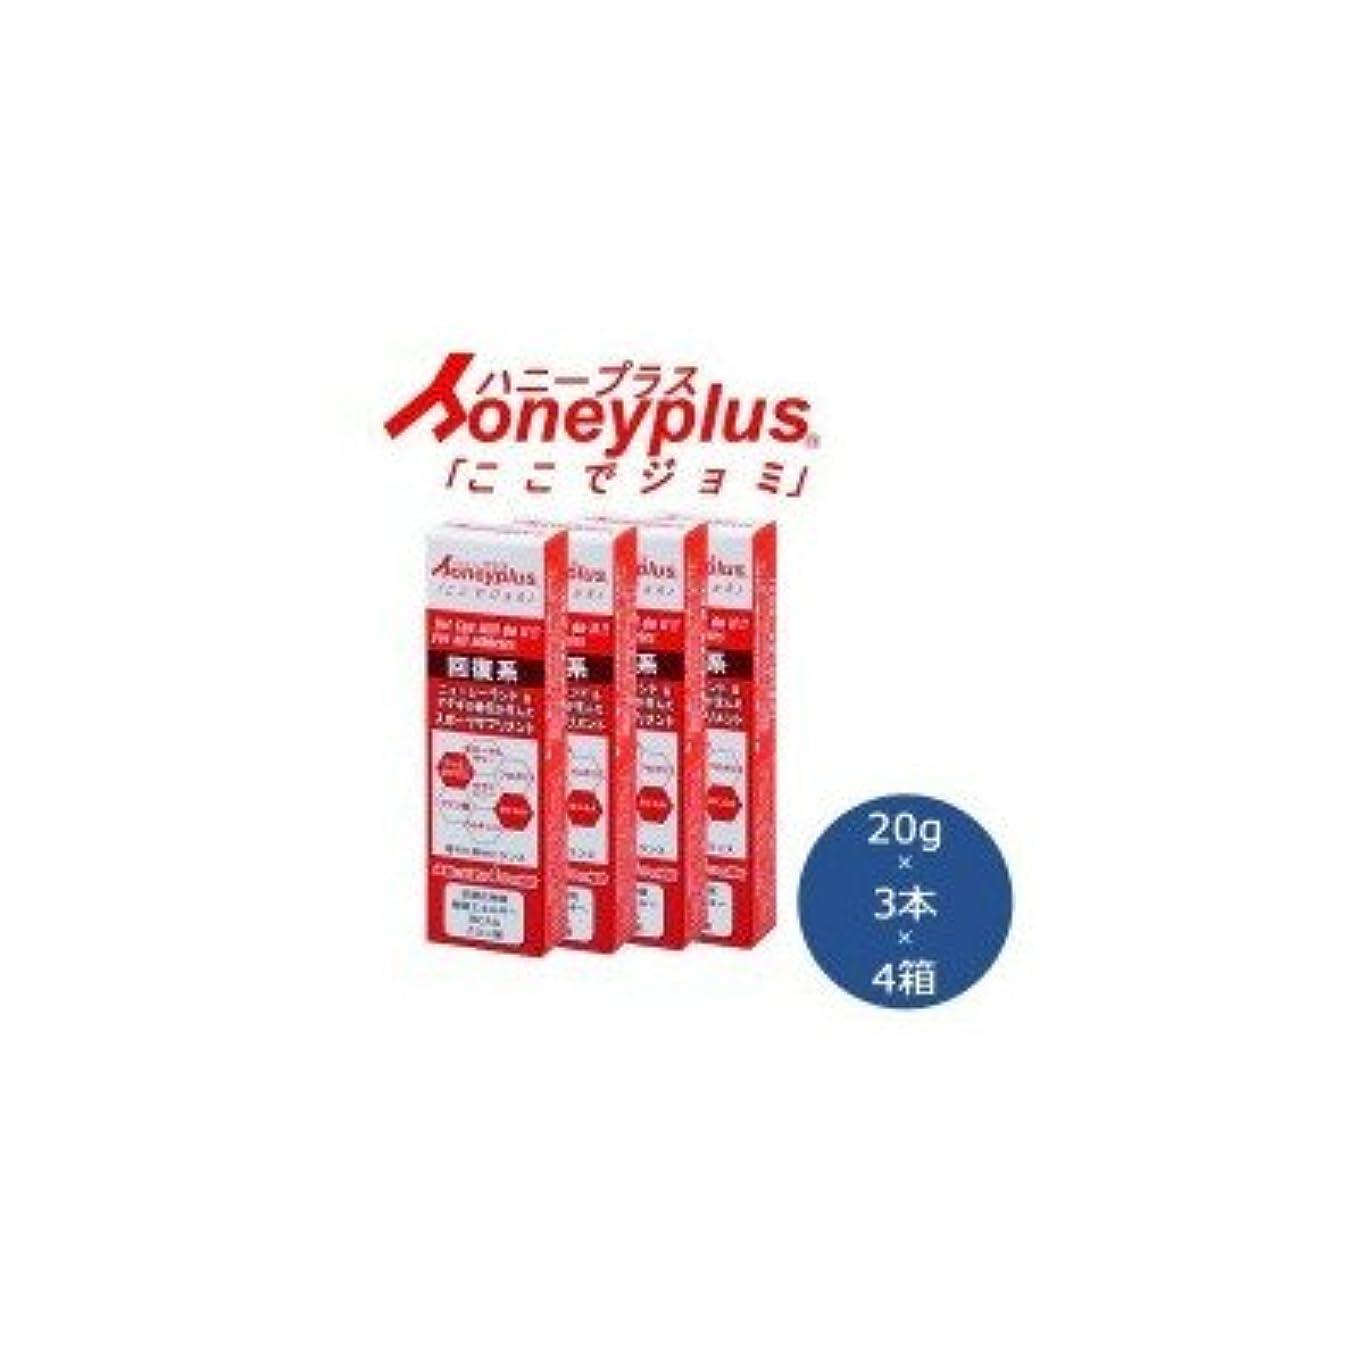 に勝るエンドテーブル国旗Honeyplus「ここでジョミ」3本入 4箱セット アスリートも愛飲 回復系スポーツサプリメント